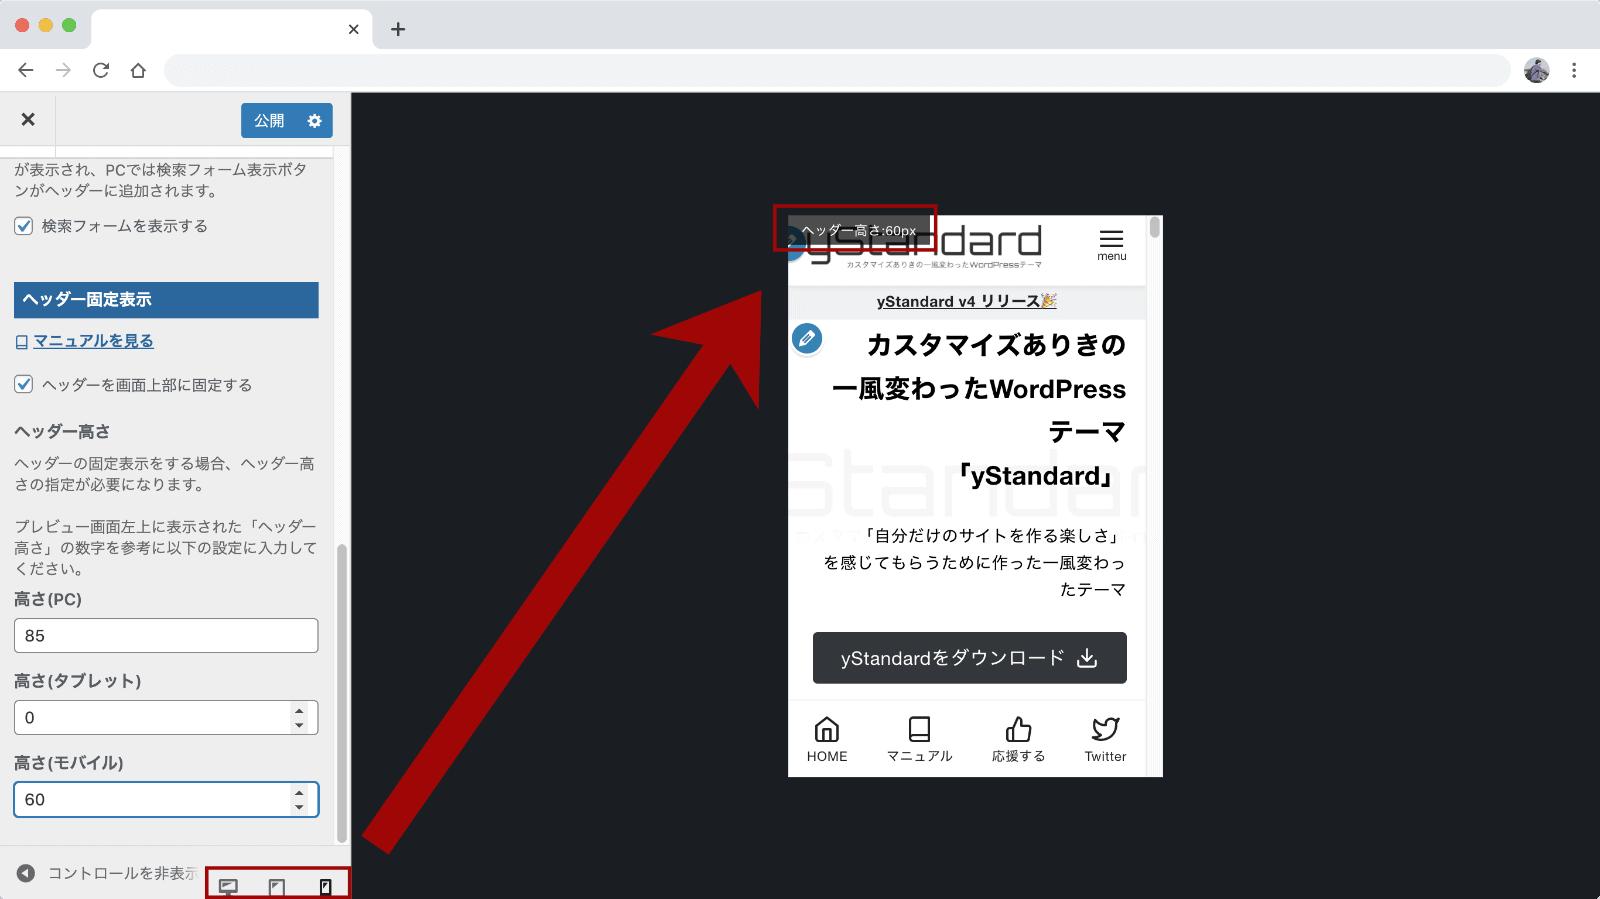 モバイル表示ではプレビューレイアウトを変更して入力する